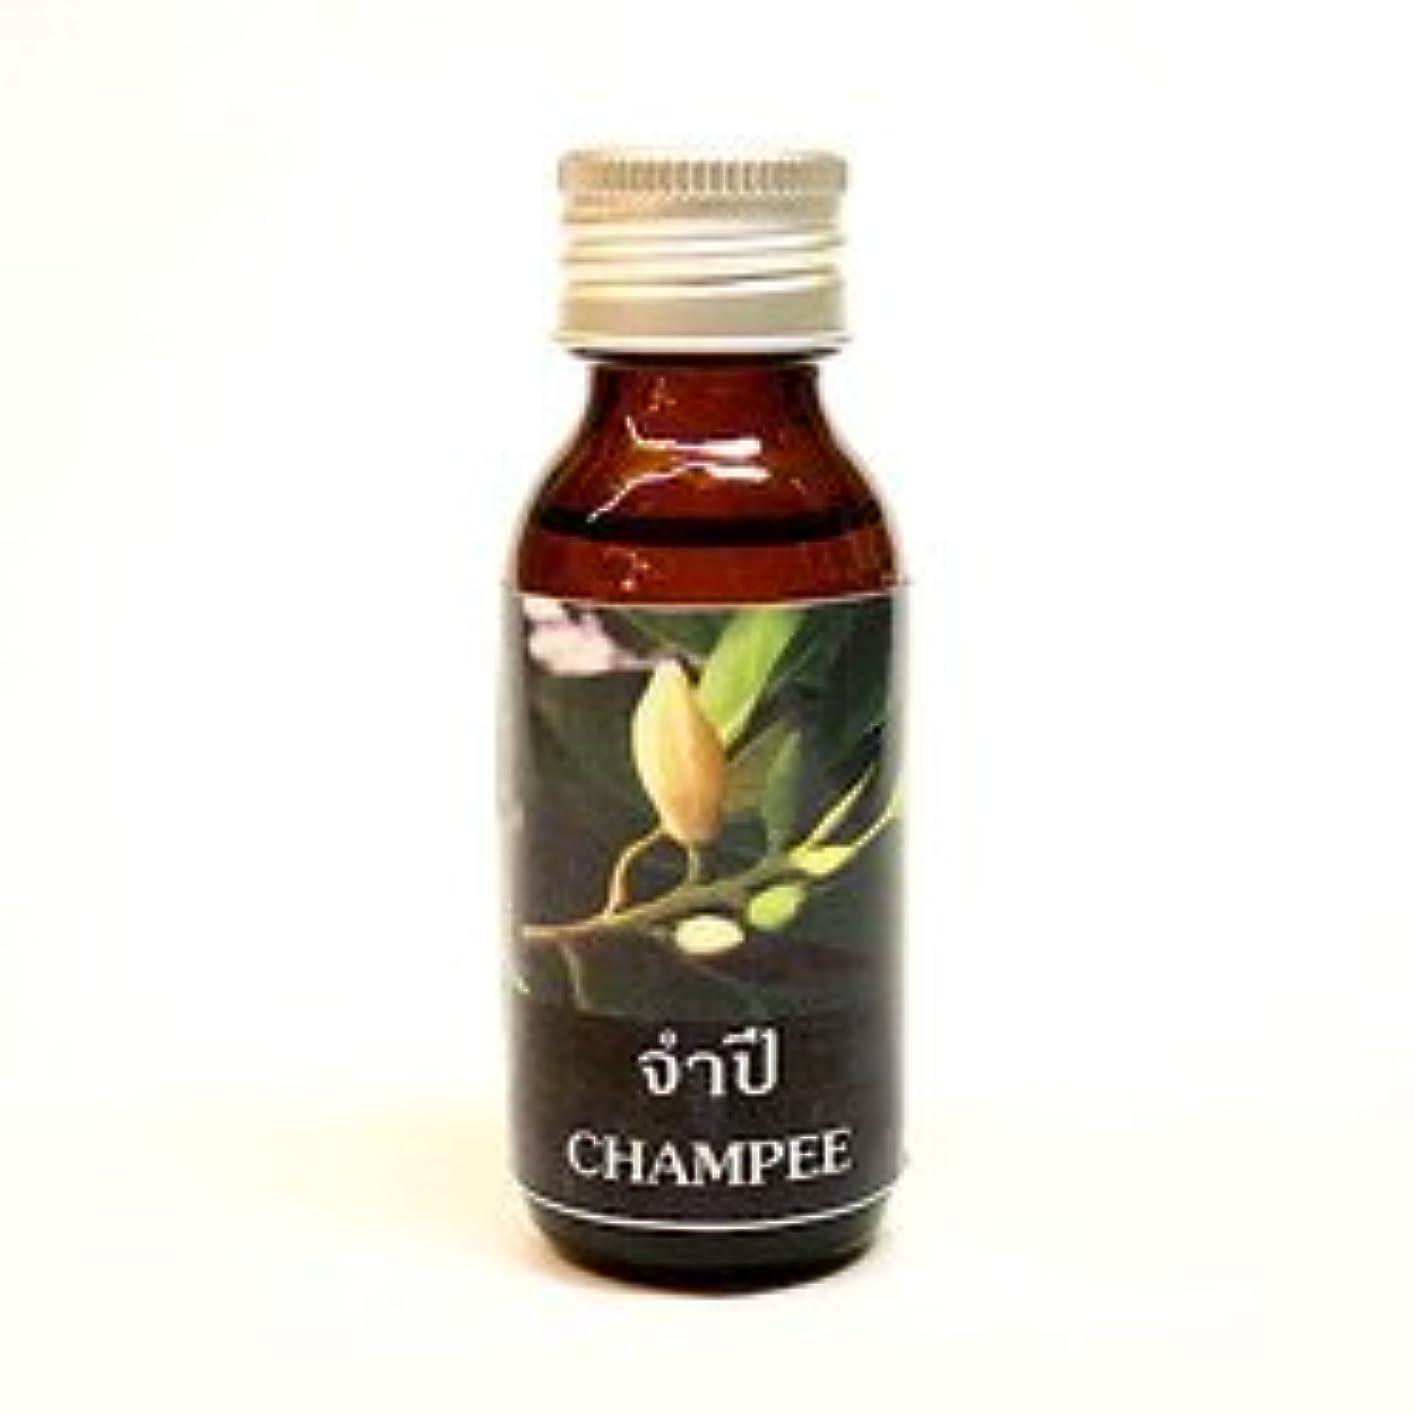 枝アトラスクックチャンピー〔CHAMPEE〕 アロマテラピーオイル 30ml アジアン雑貨